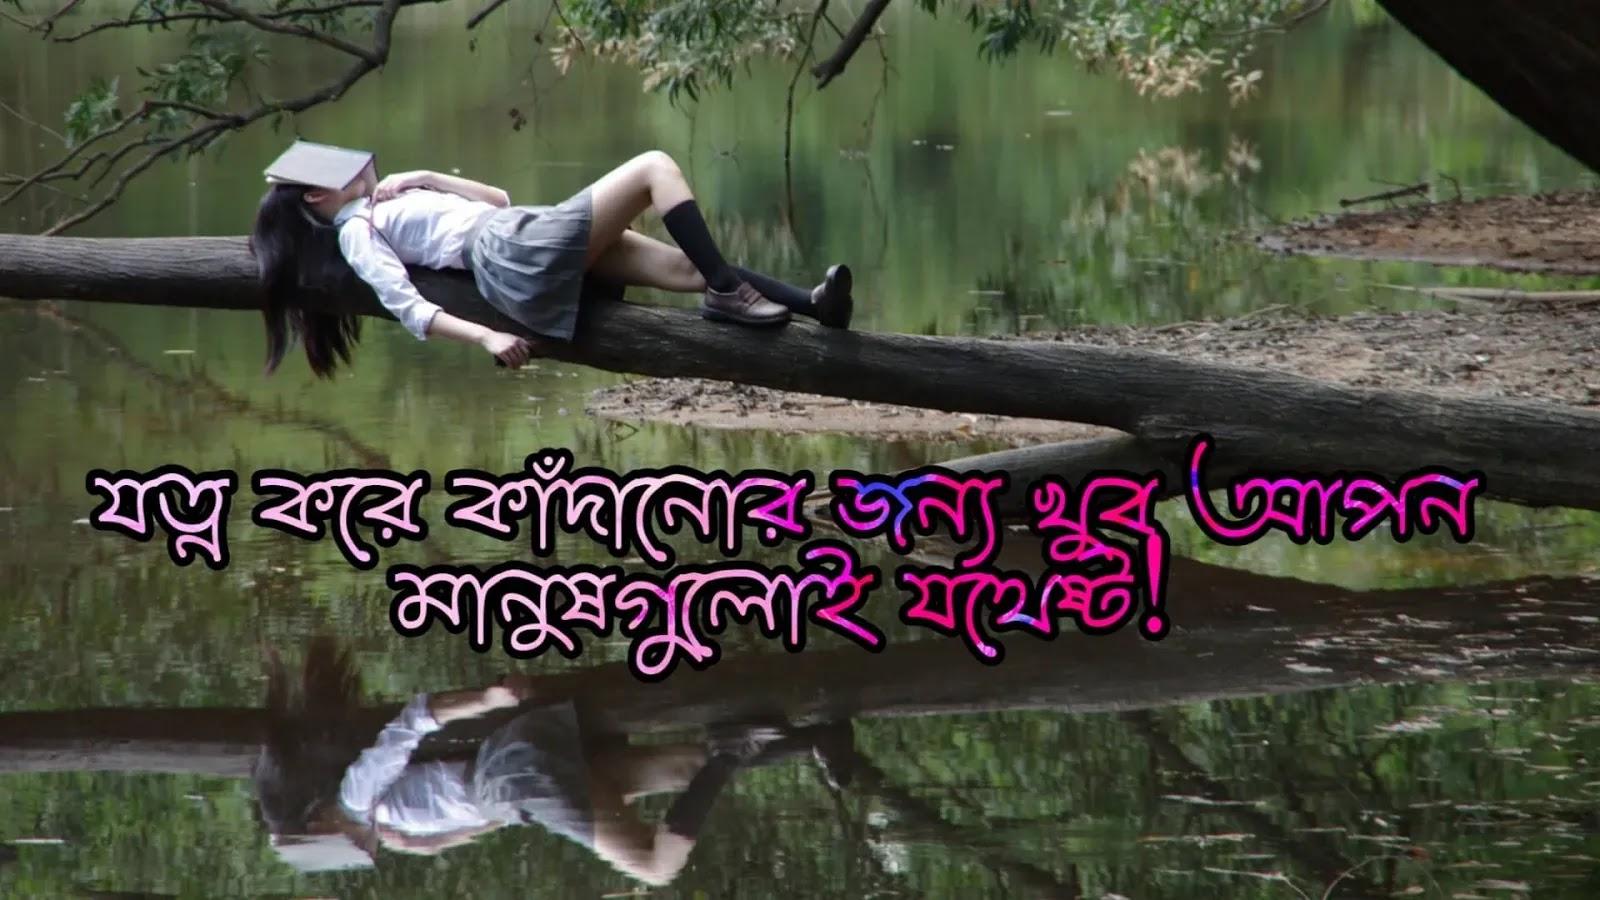 sad love quotes Bangla